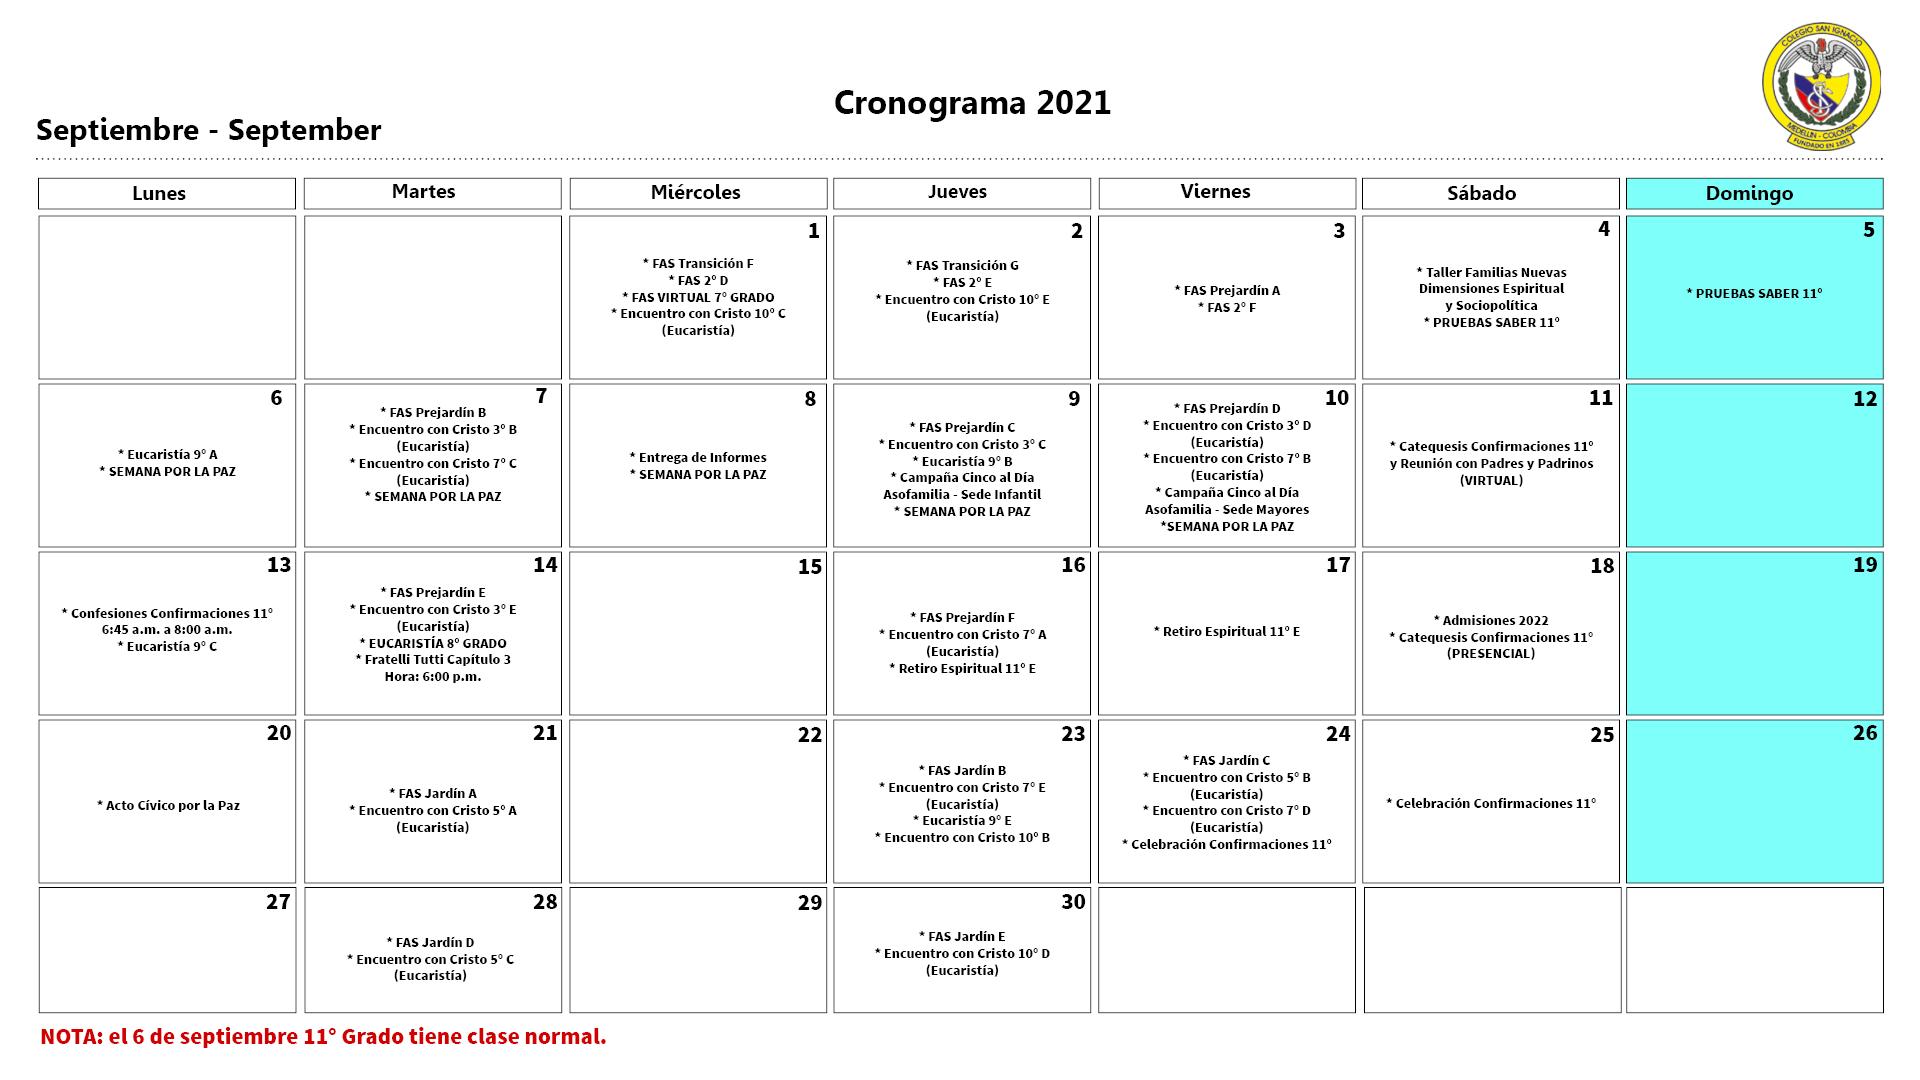 Cronograma septiembre 2021